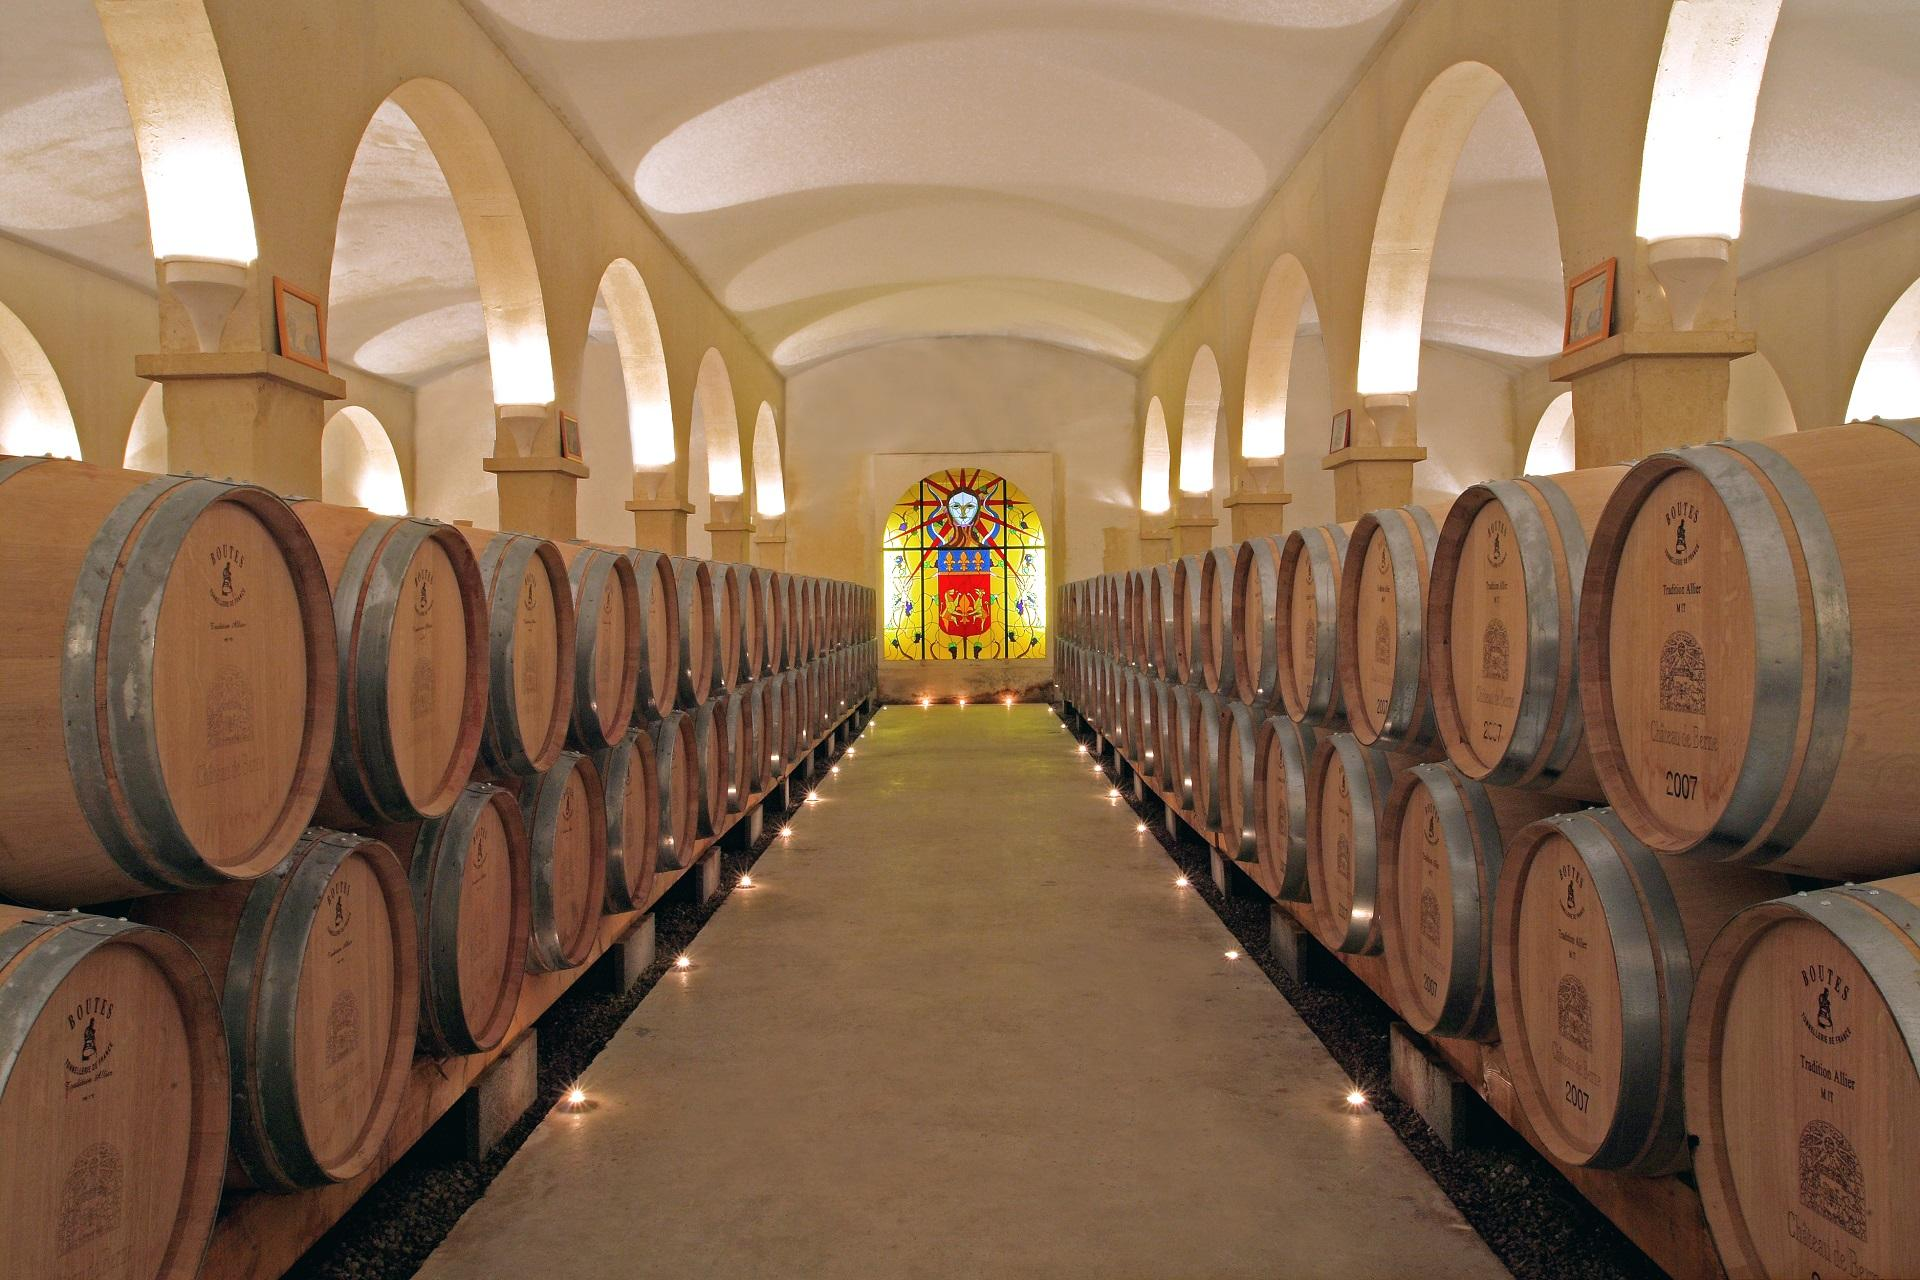 Chateau-de-berne-provence-vignoble-var-domaine-chais-incentive-seminaires-de-caractere